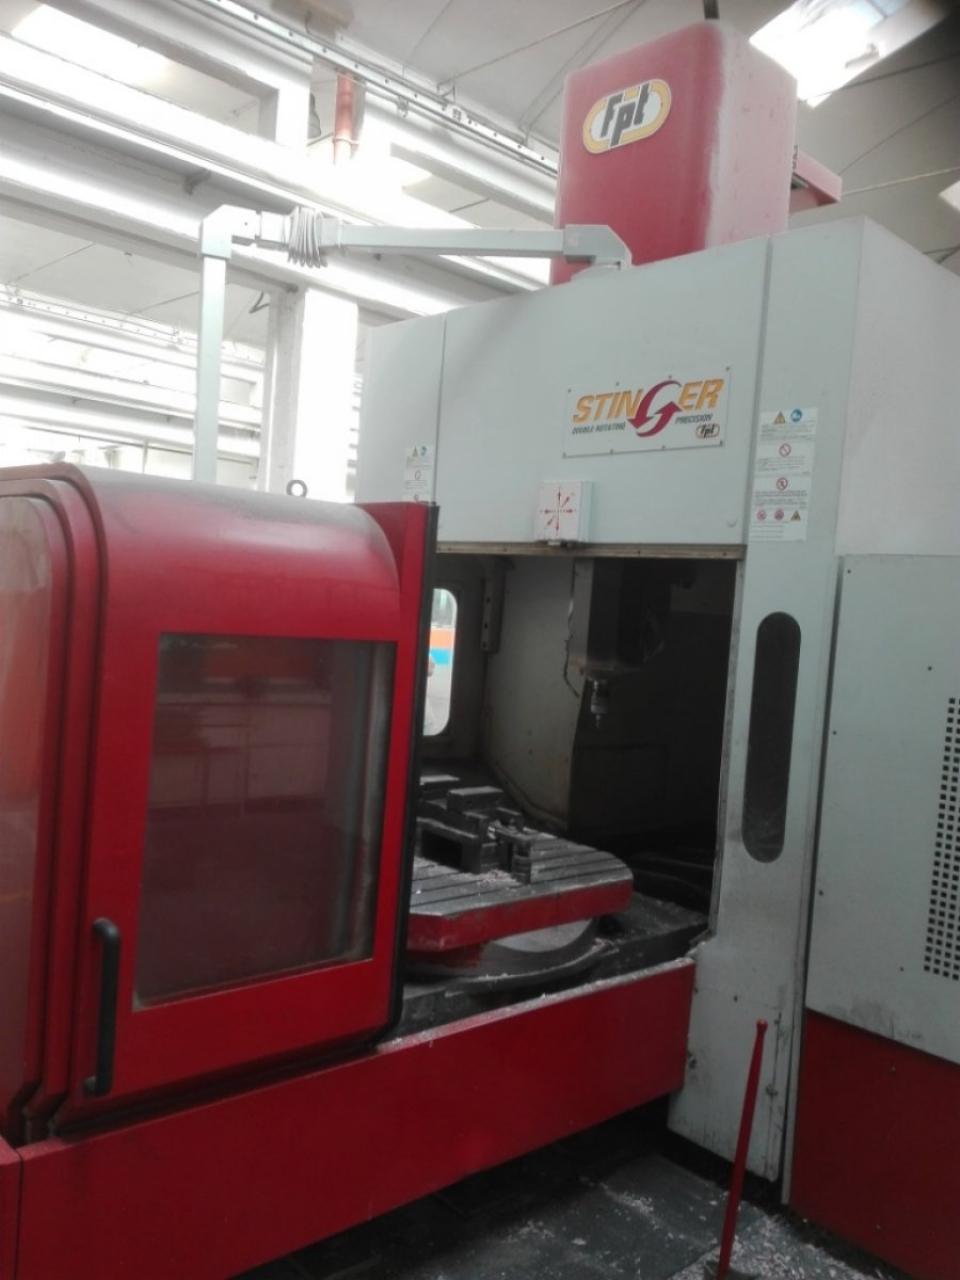 Centro di lavoro a portale FPT STINGER - Foto integrale macchina